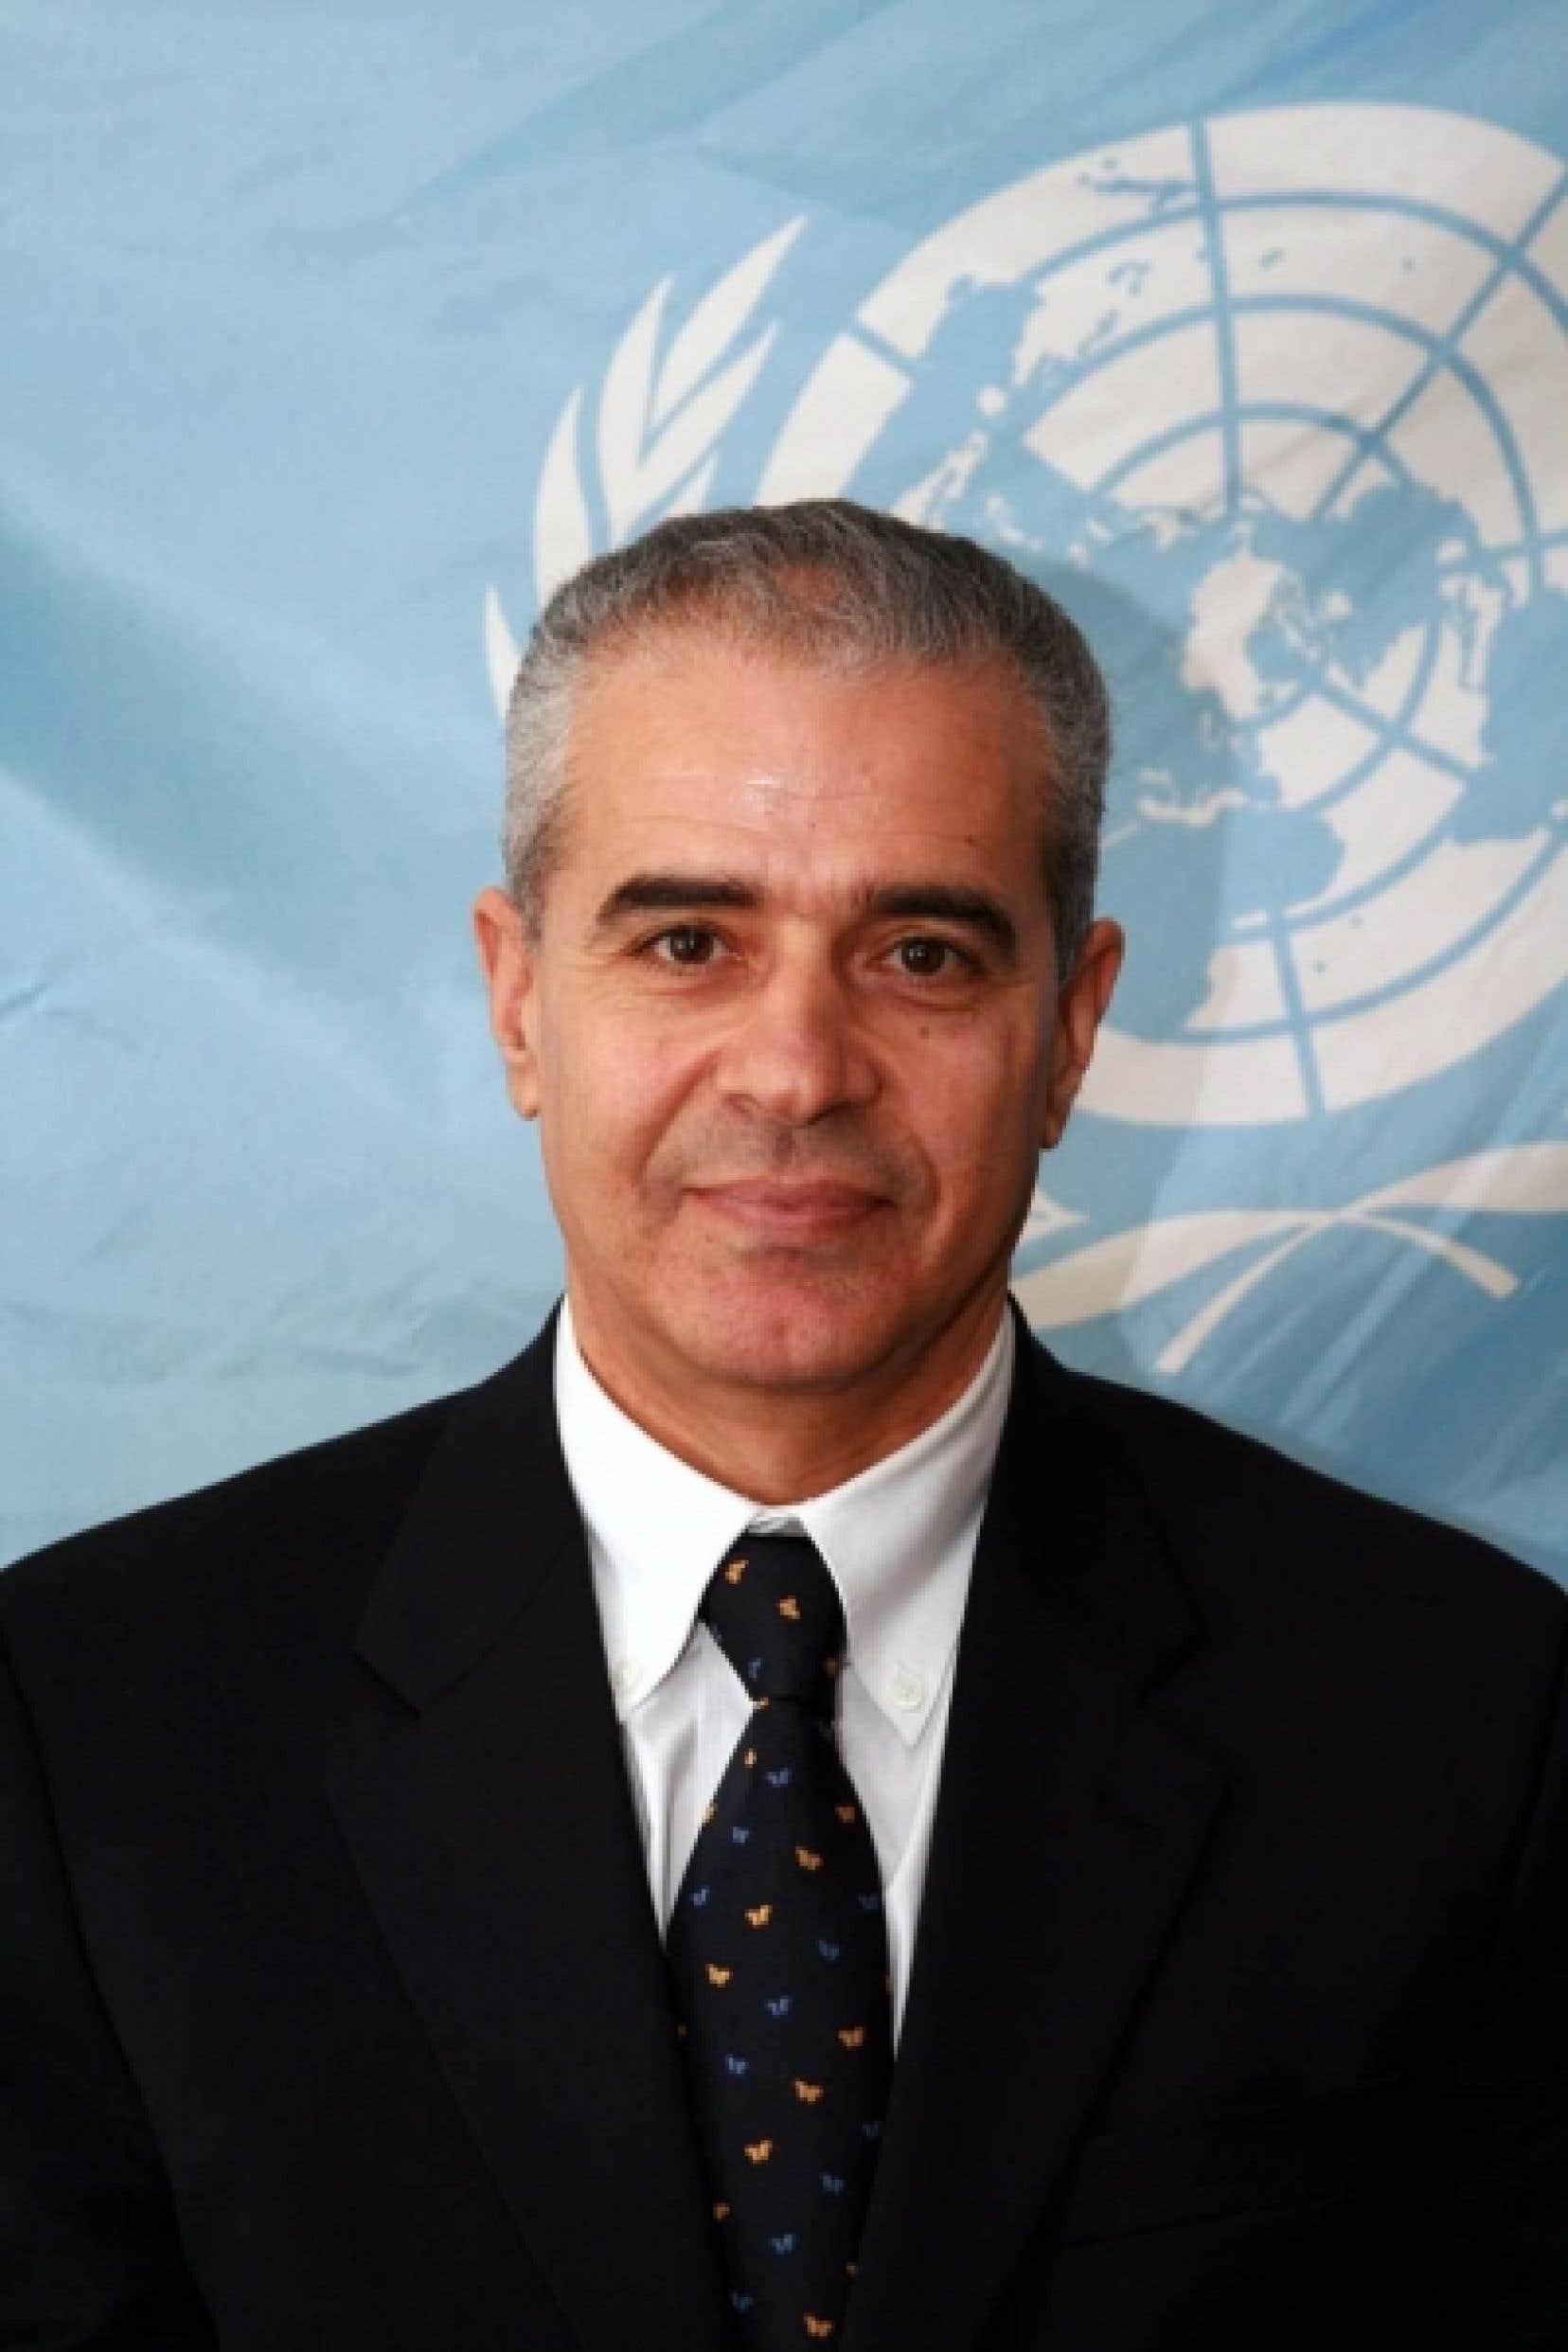 Ahmed Djoghlaf, secrétaire exécutif du Secrétariat de la Convention sur la diversité biologique.